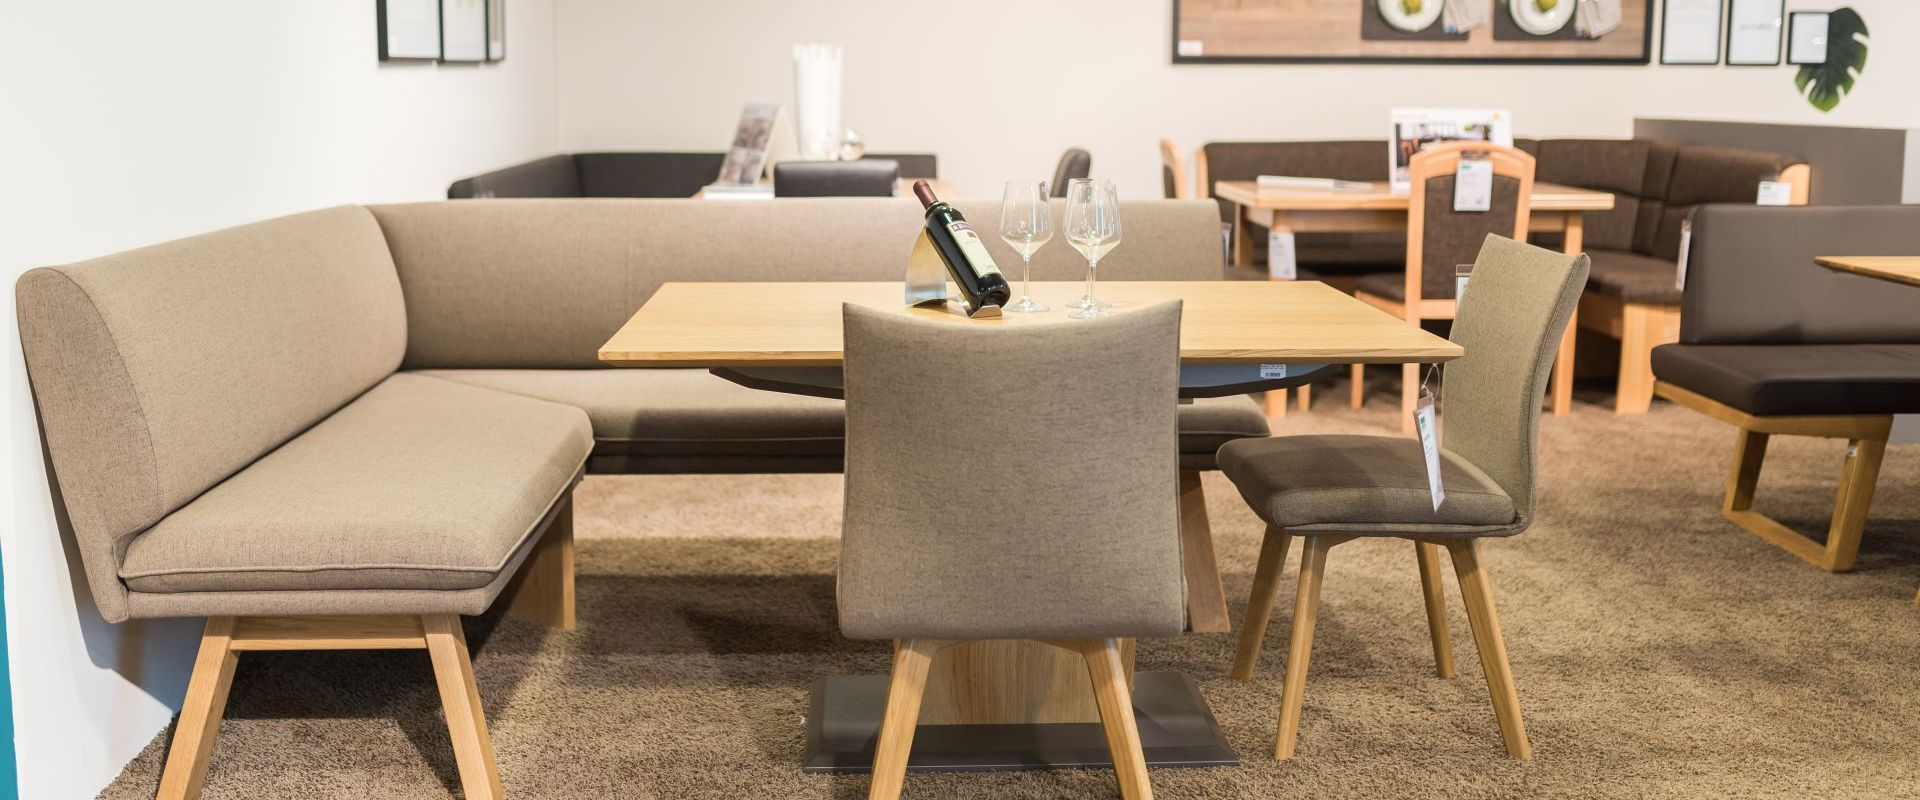 Esszimmer Serien · Stühle U0026 Tische · Bänke ...